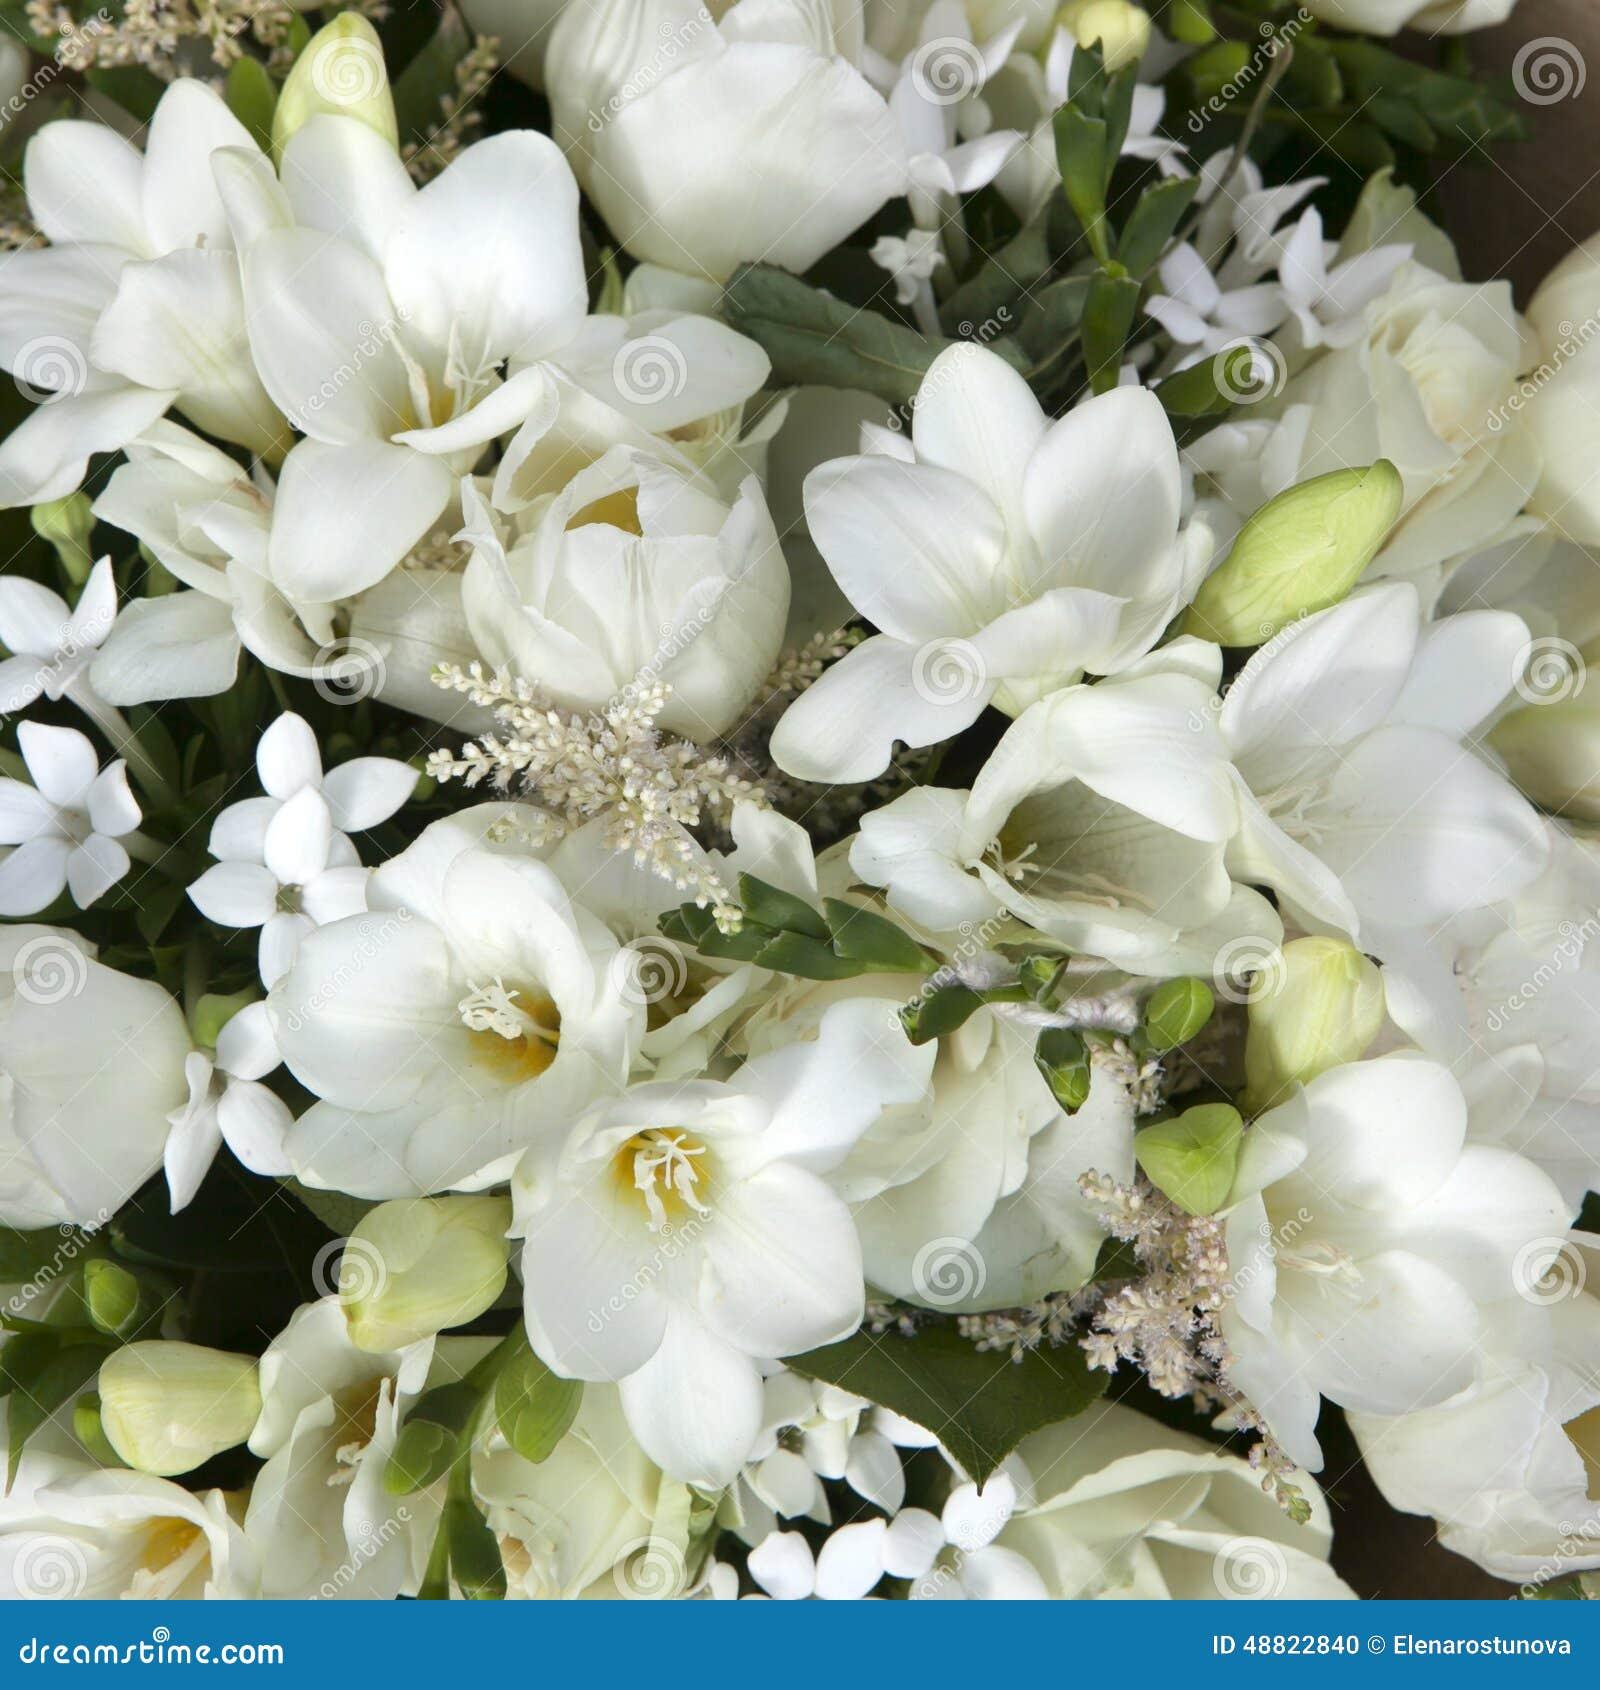 Populaire Bouquet De Mariage Des Fleurs Blanches Photo stock - Image: 48822840 LJ45